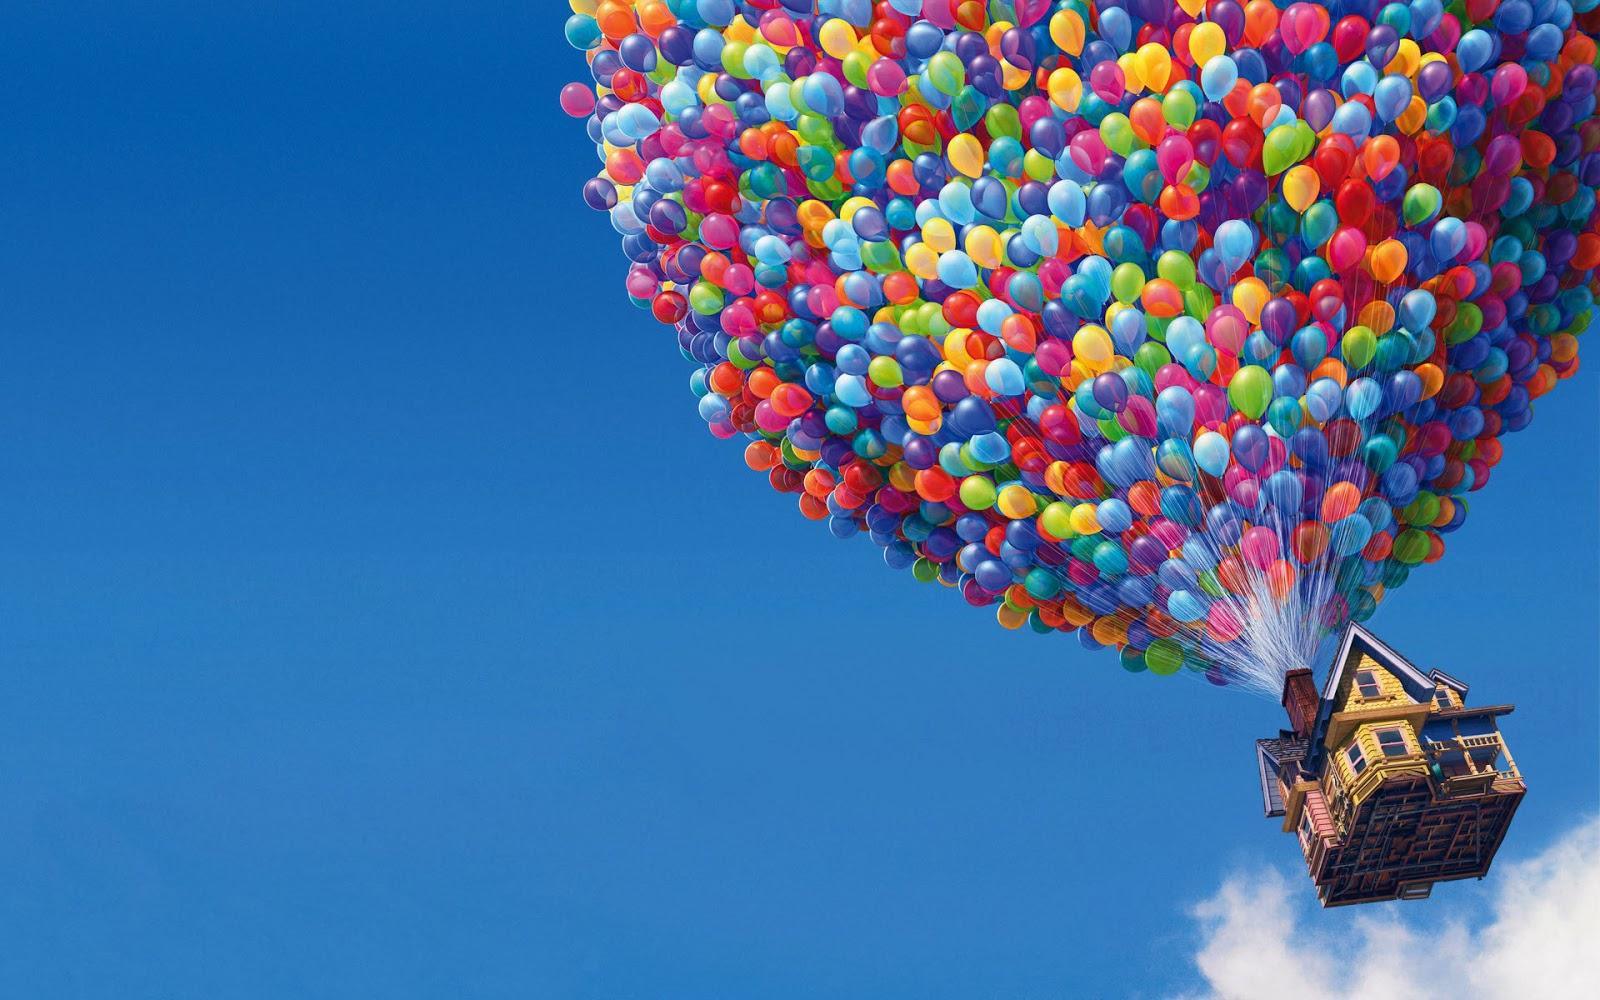 """<img src=""""http://2.bp.blogspot.com/-d4j1BQSIY18/UufS9hZnpWI/AAAAAAAAKhc/fPbwMrci6YA/s1600/balloons-in-air.jpg"""" alt=""""balloons in air wallpaper"""" />"""